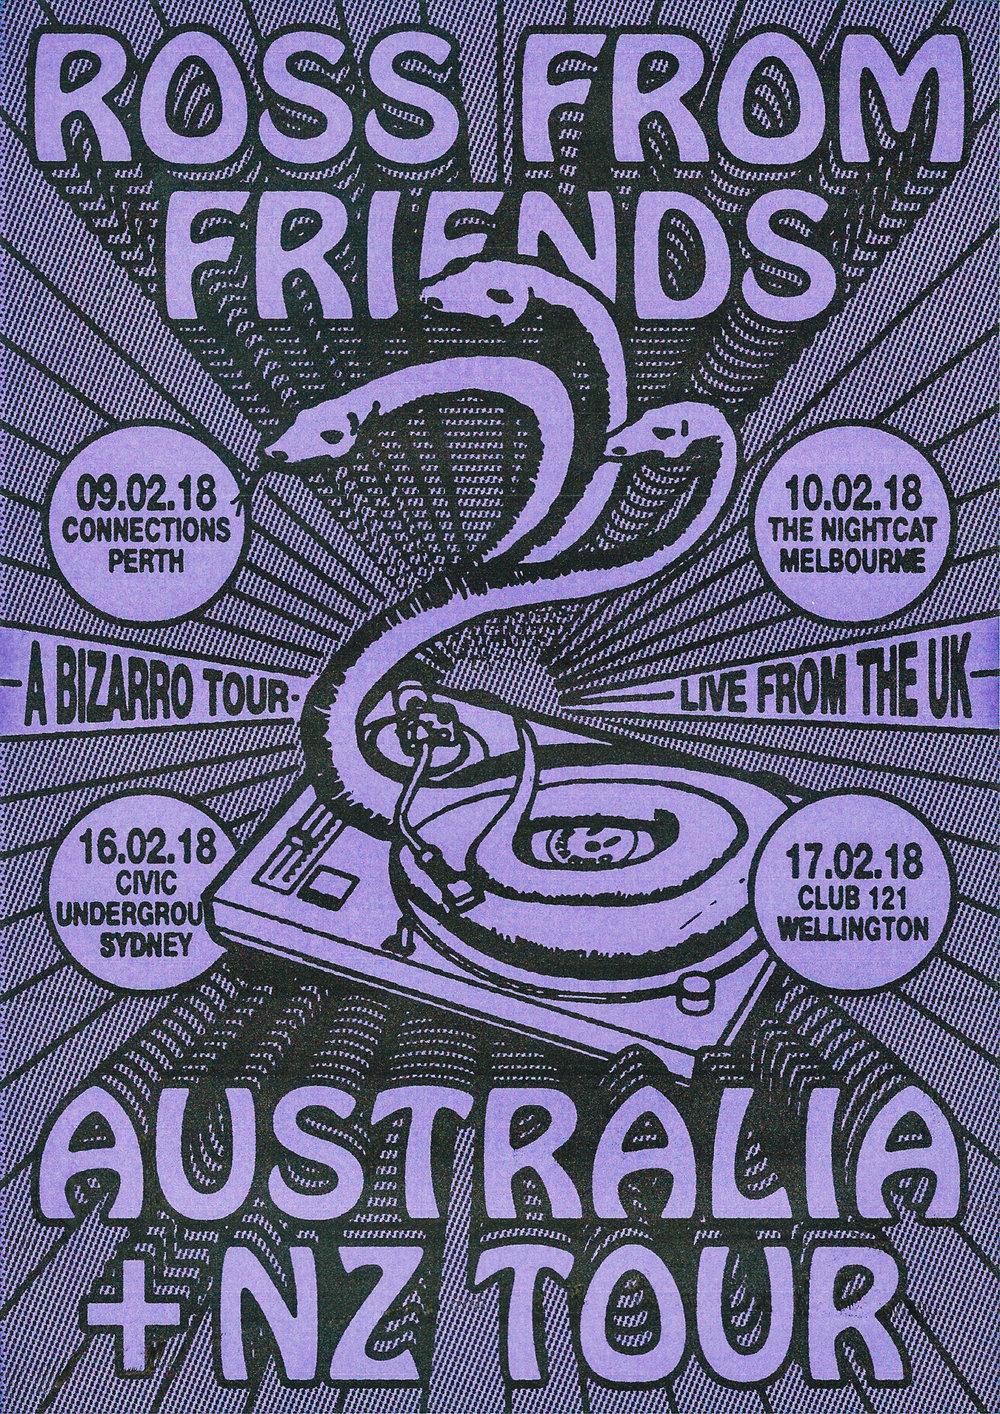 Ross-From-Friends-Tour-Flyer-Scan.jpg